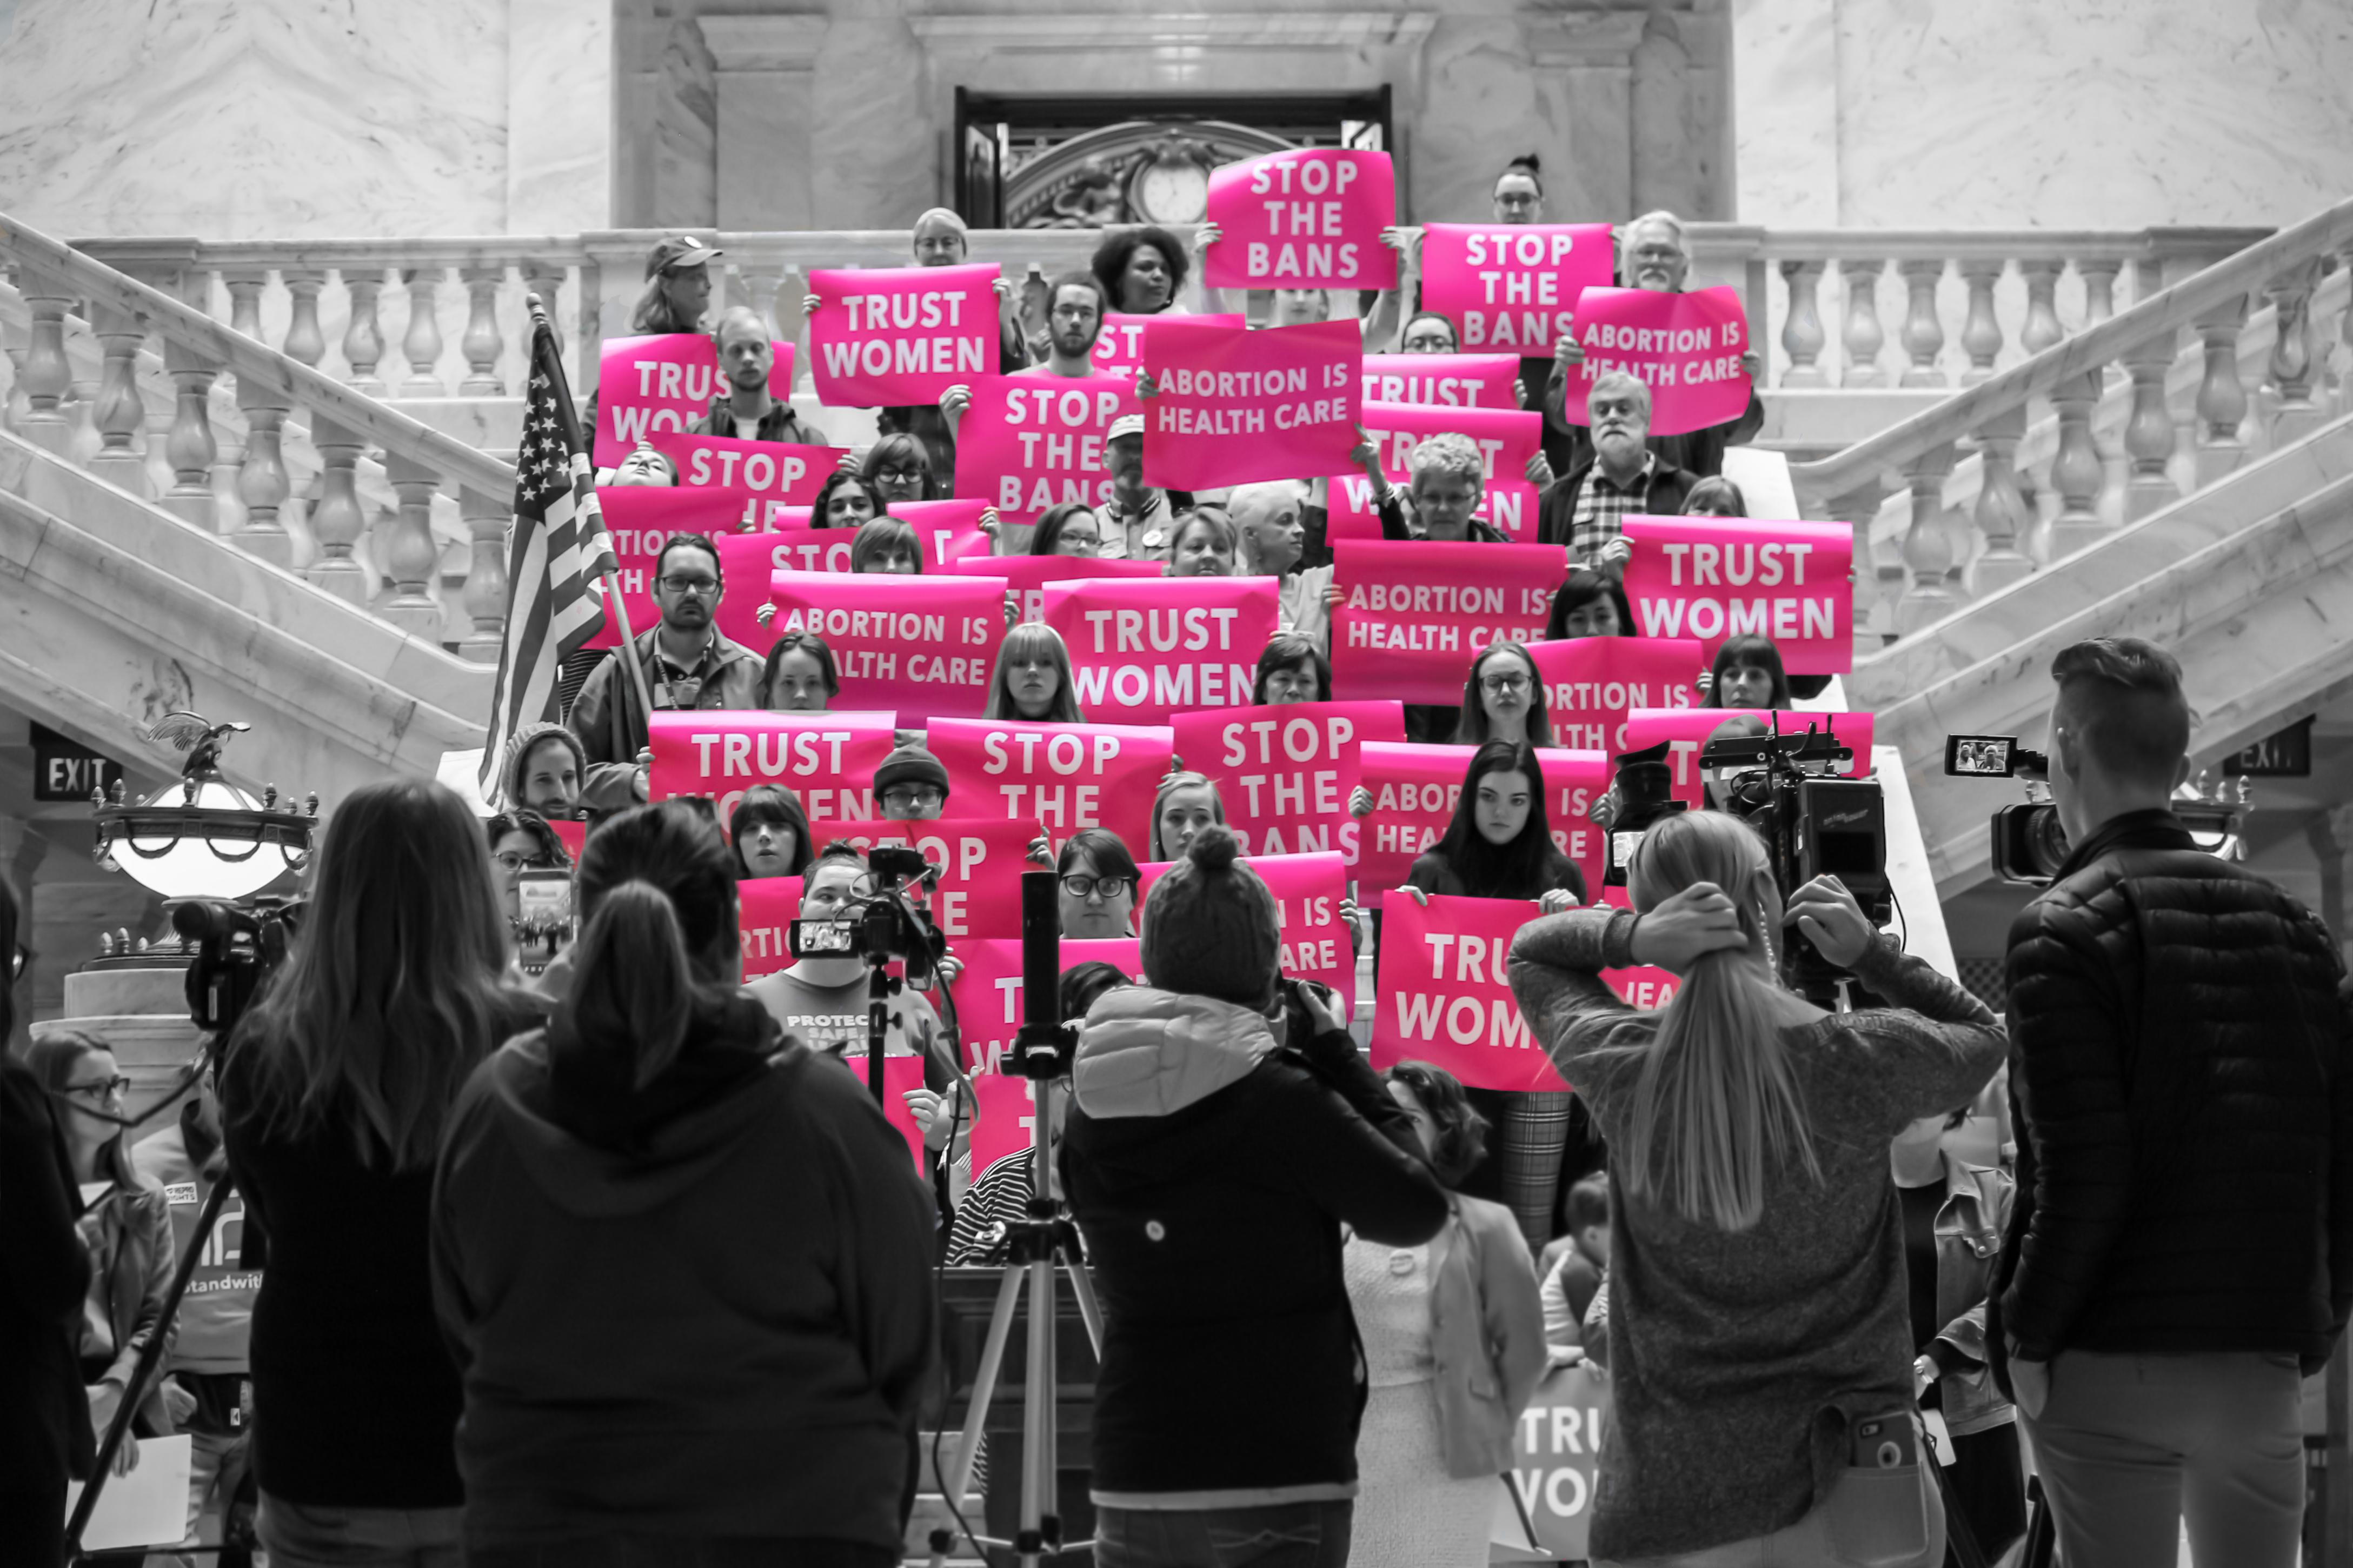 18-week Abortion Ban